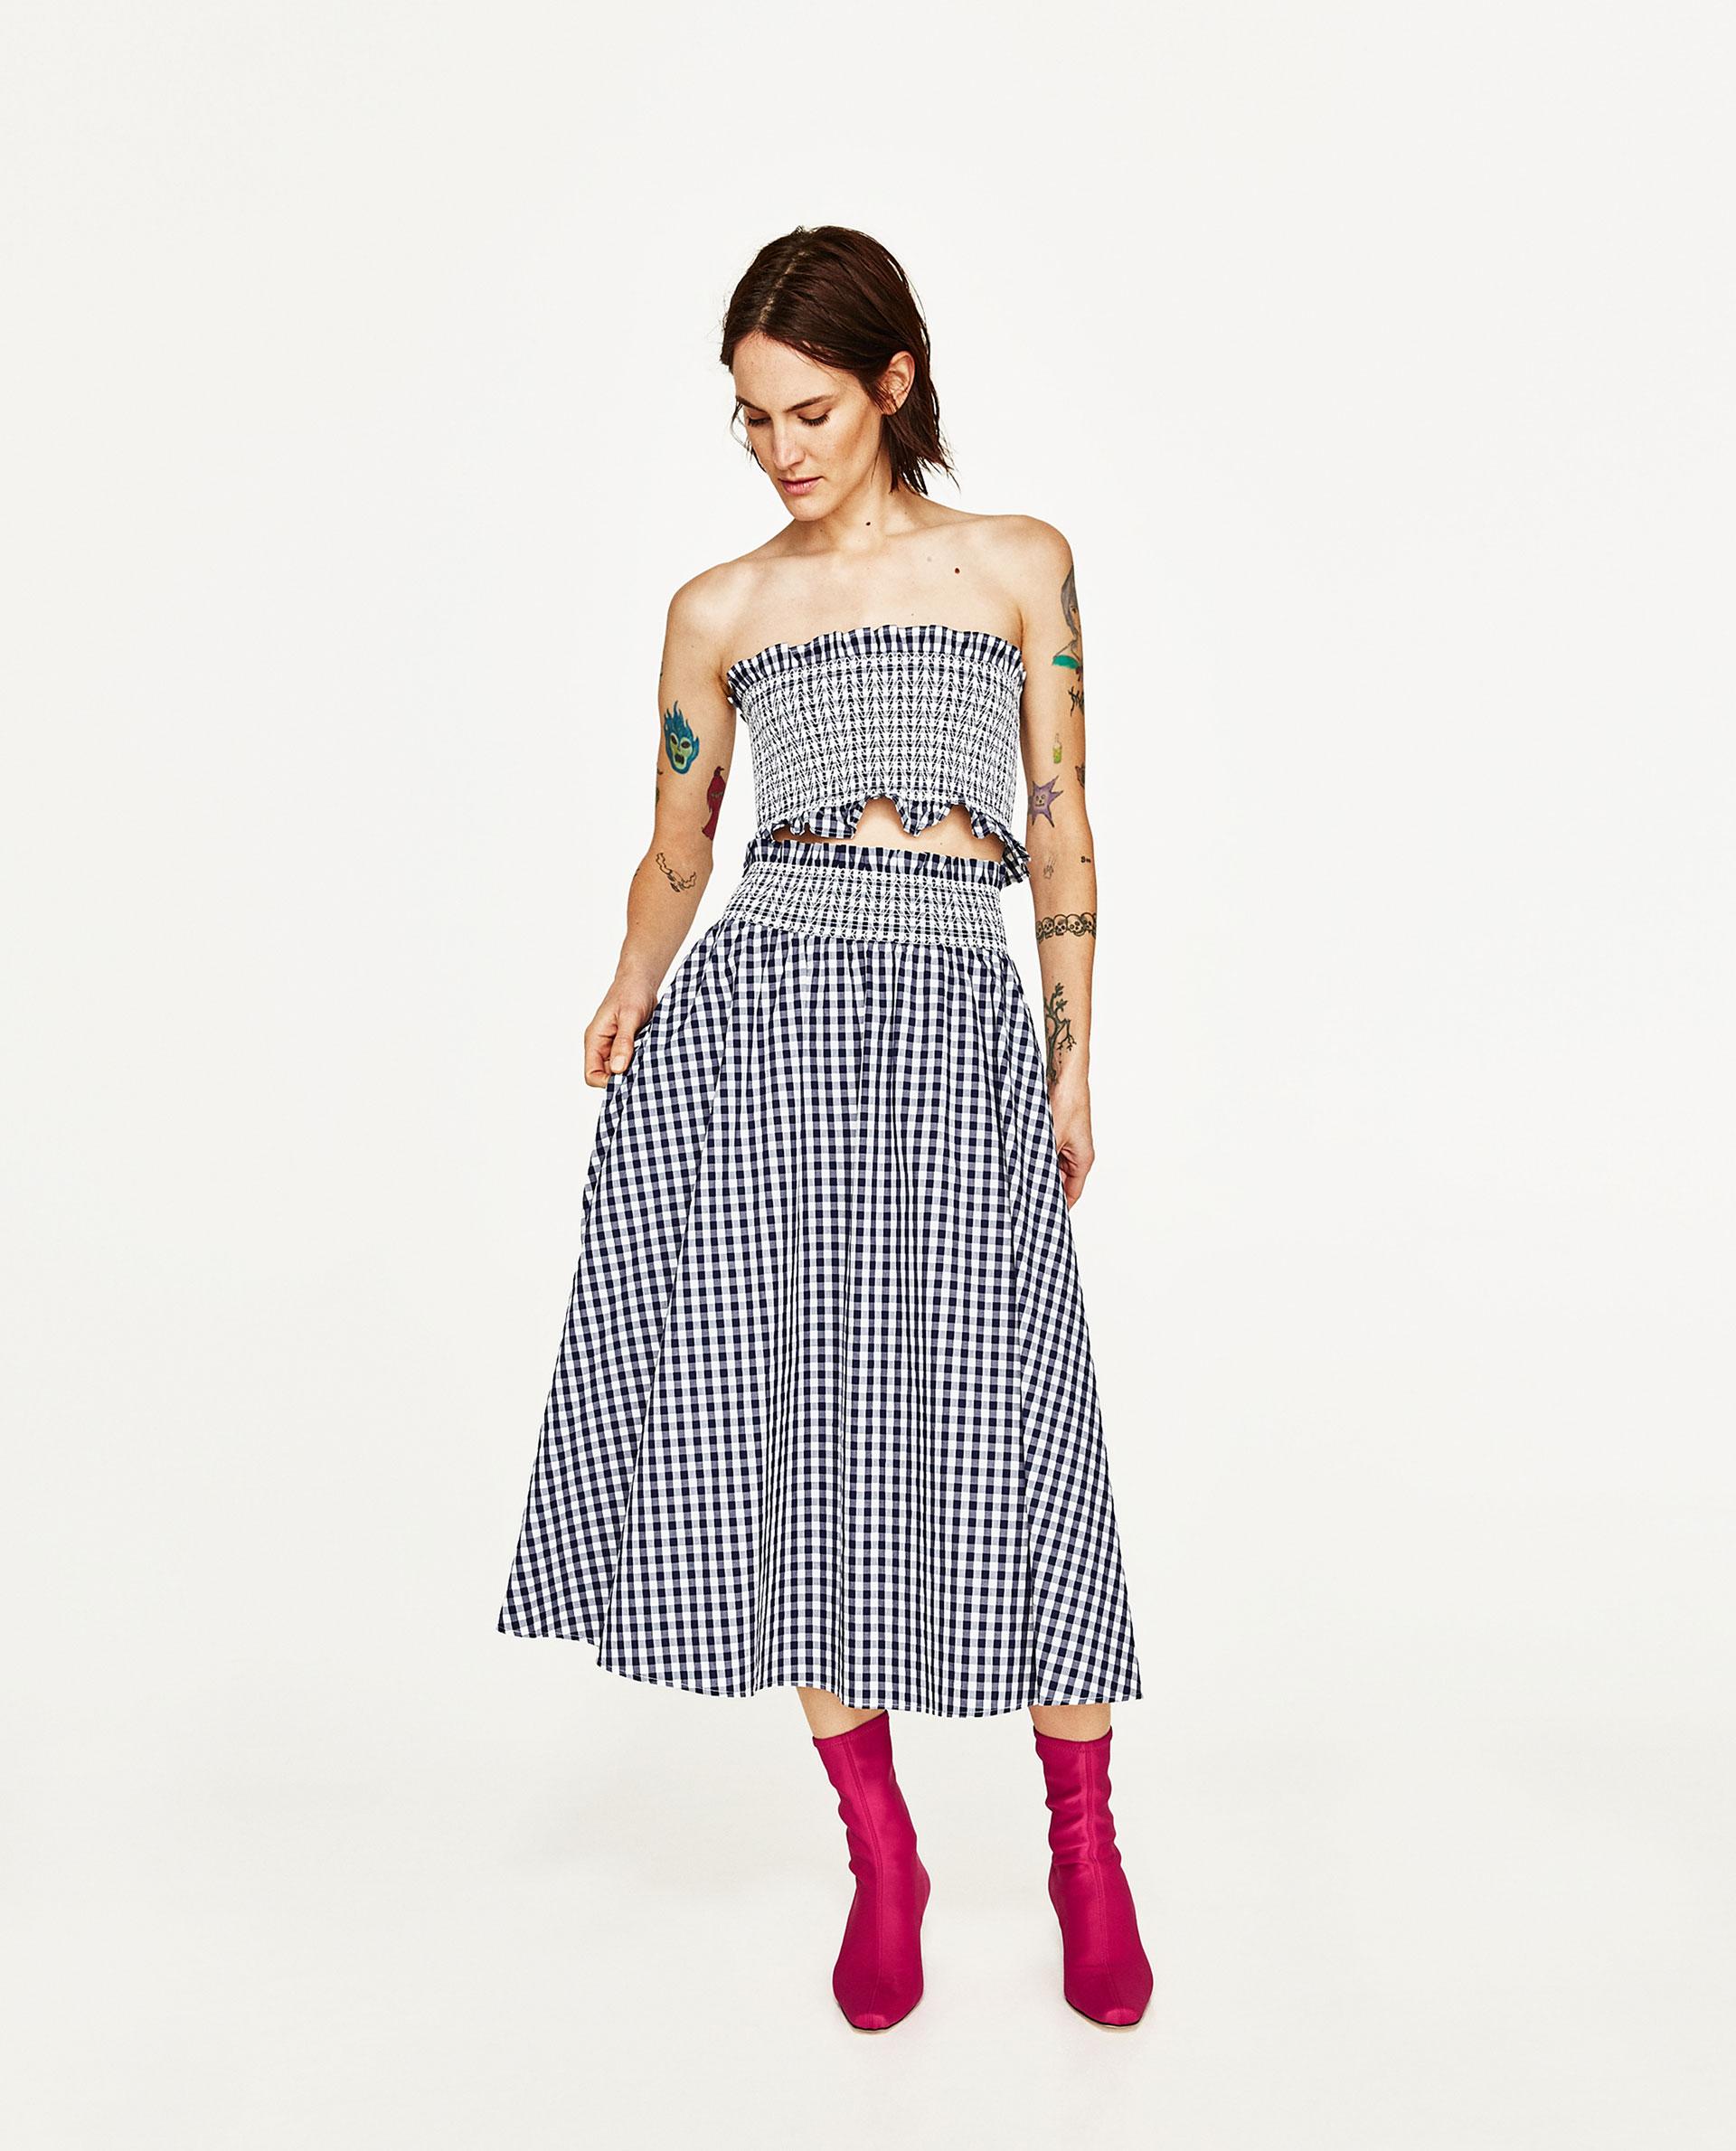 Zara, $49.90